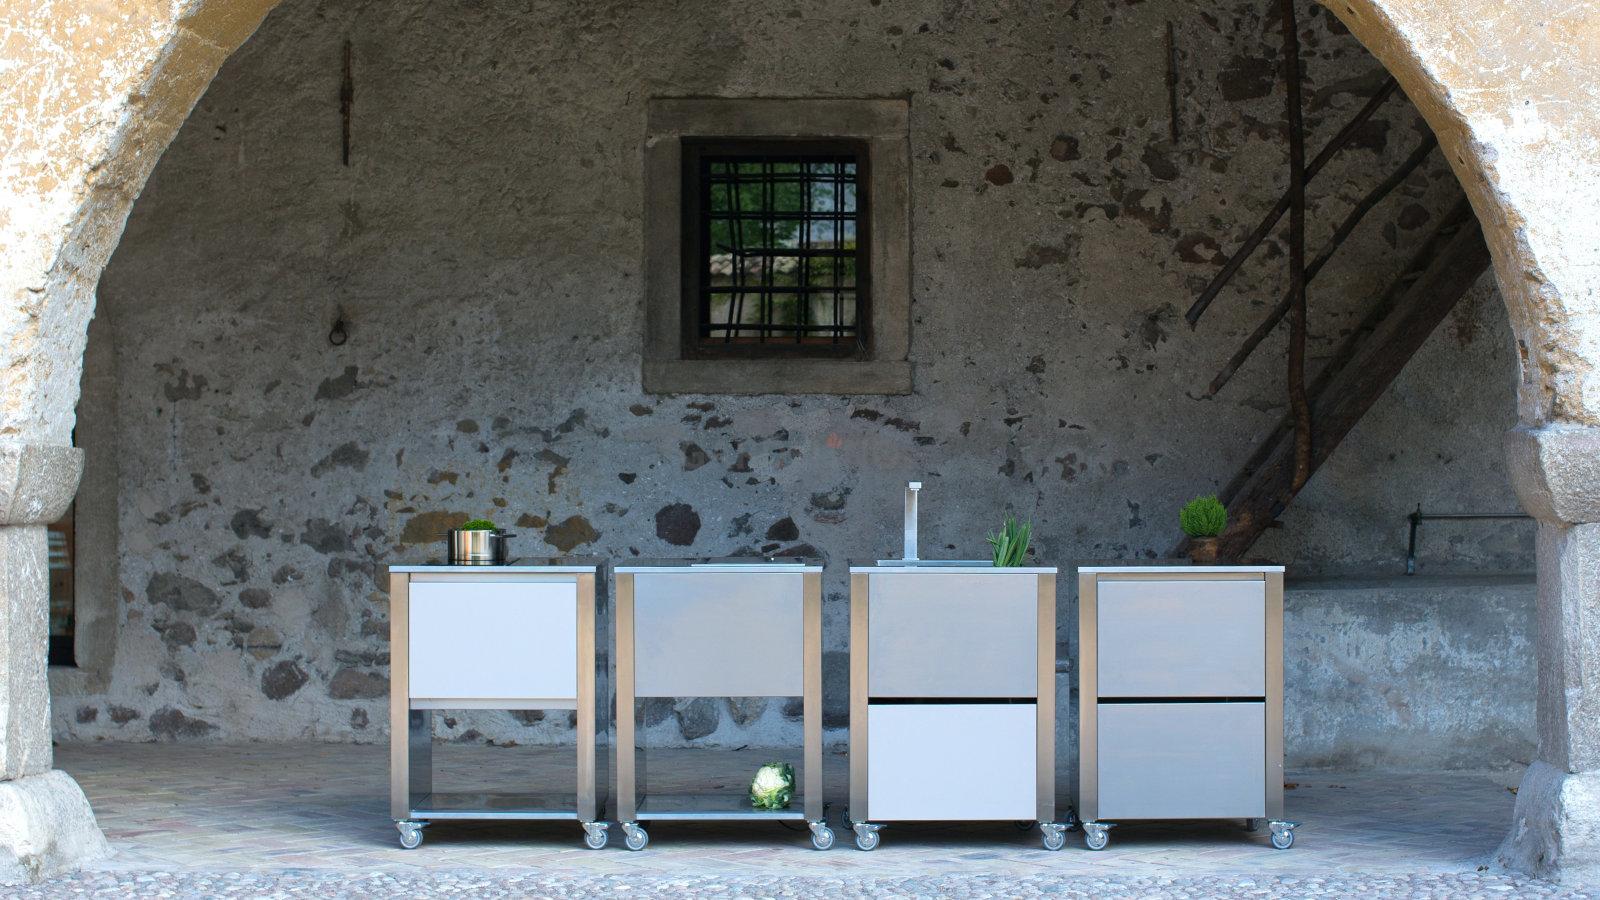 Edelstahltüren Für Outdoor Küche : Outdoor küche edelstahl türen: china grill doppel schublade und tür